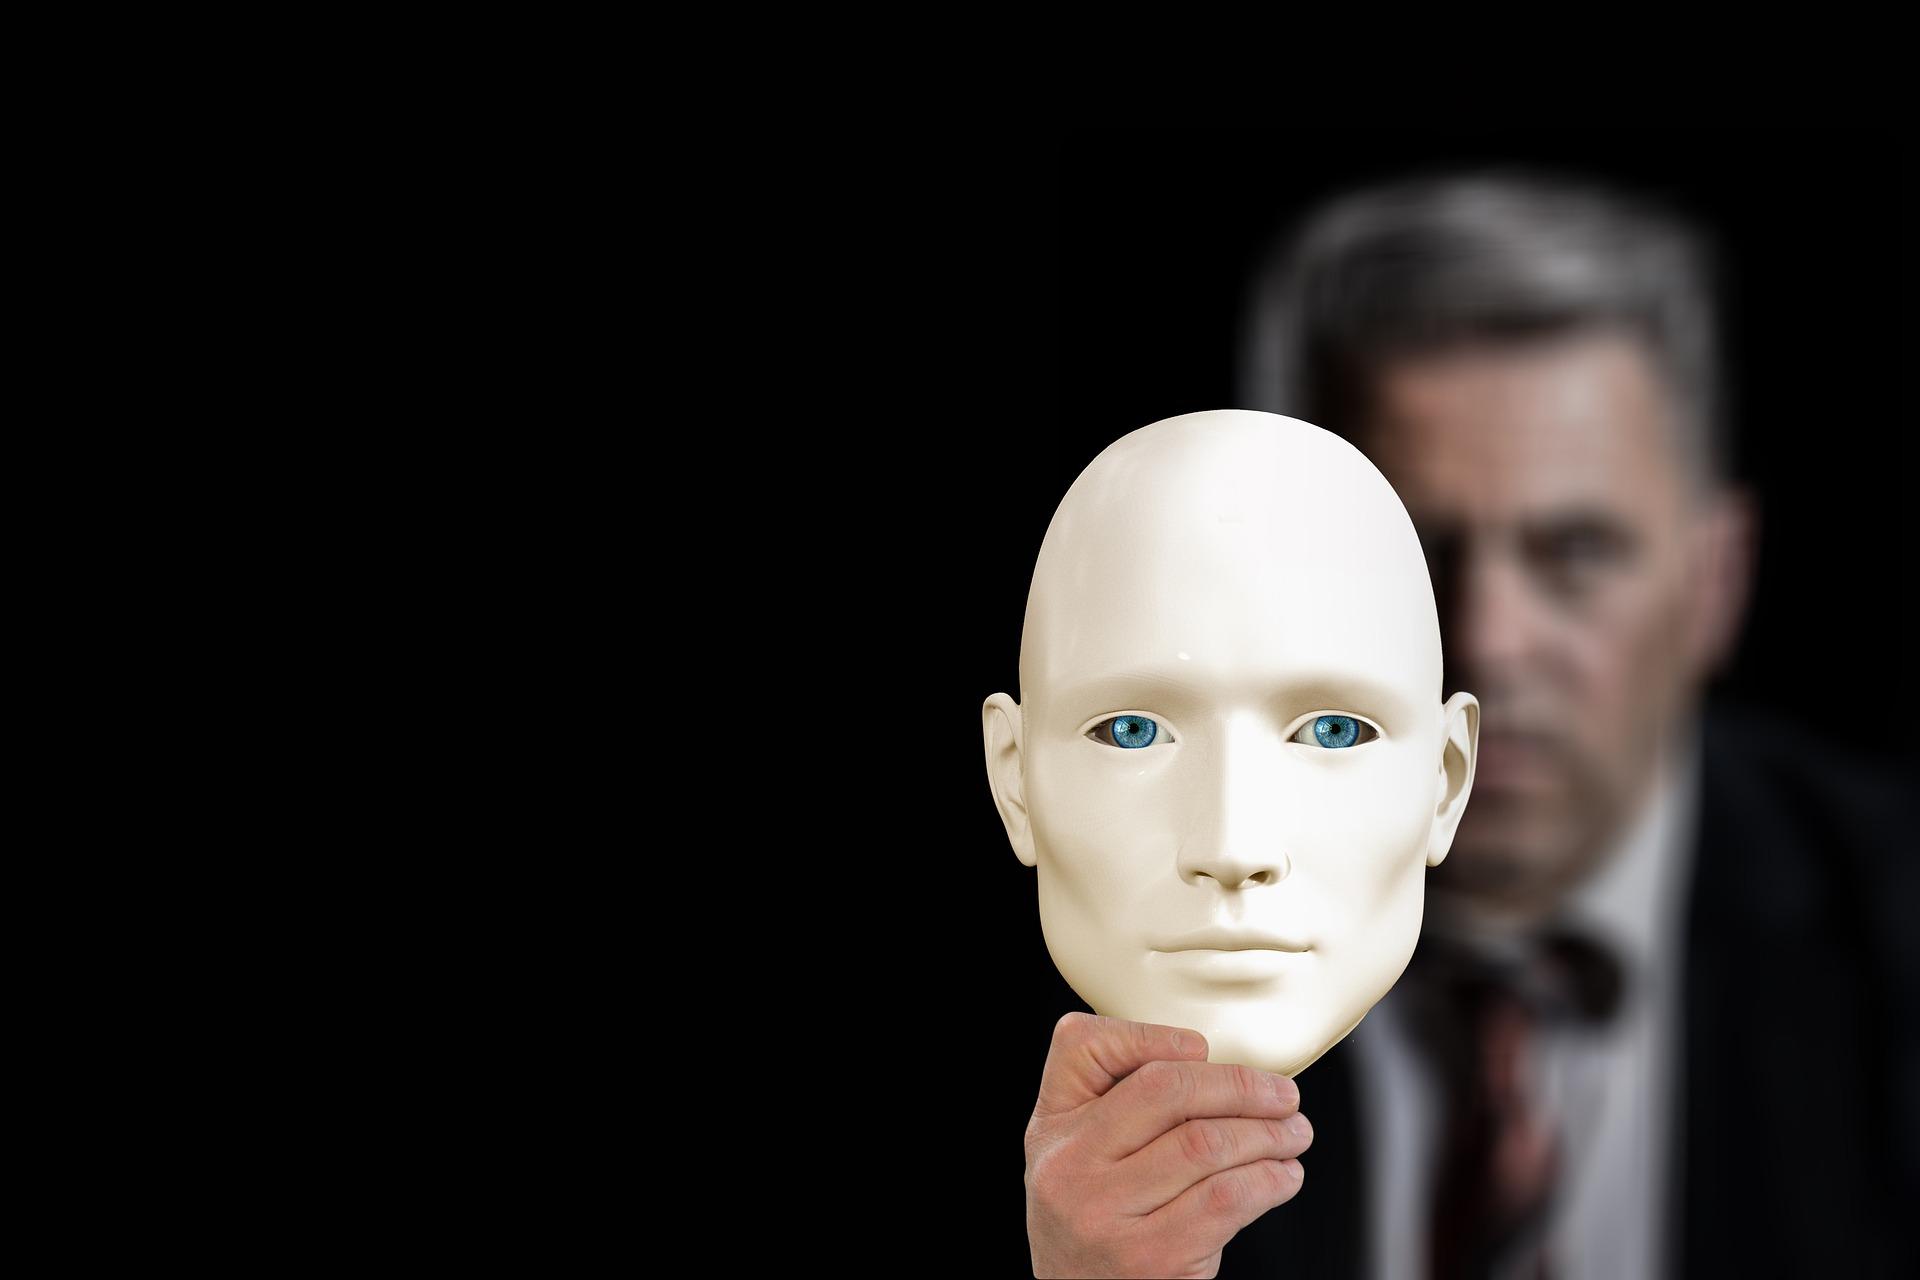 Síndrome do Impostor: o sentimento de nunca ser bom o suficiente